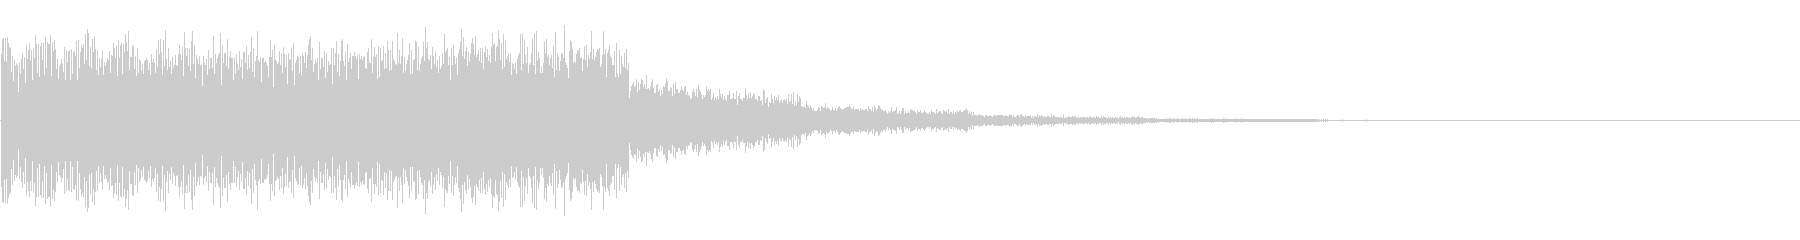 パワースイーパースイープアクセントの未再生の波形